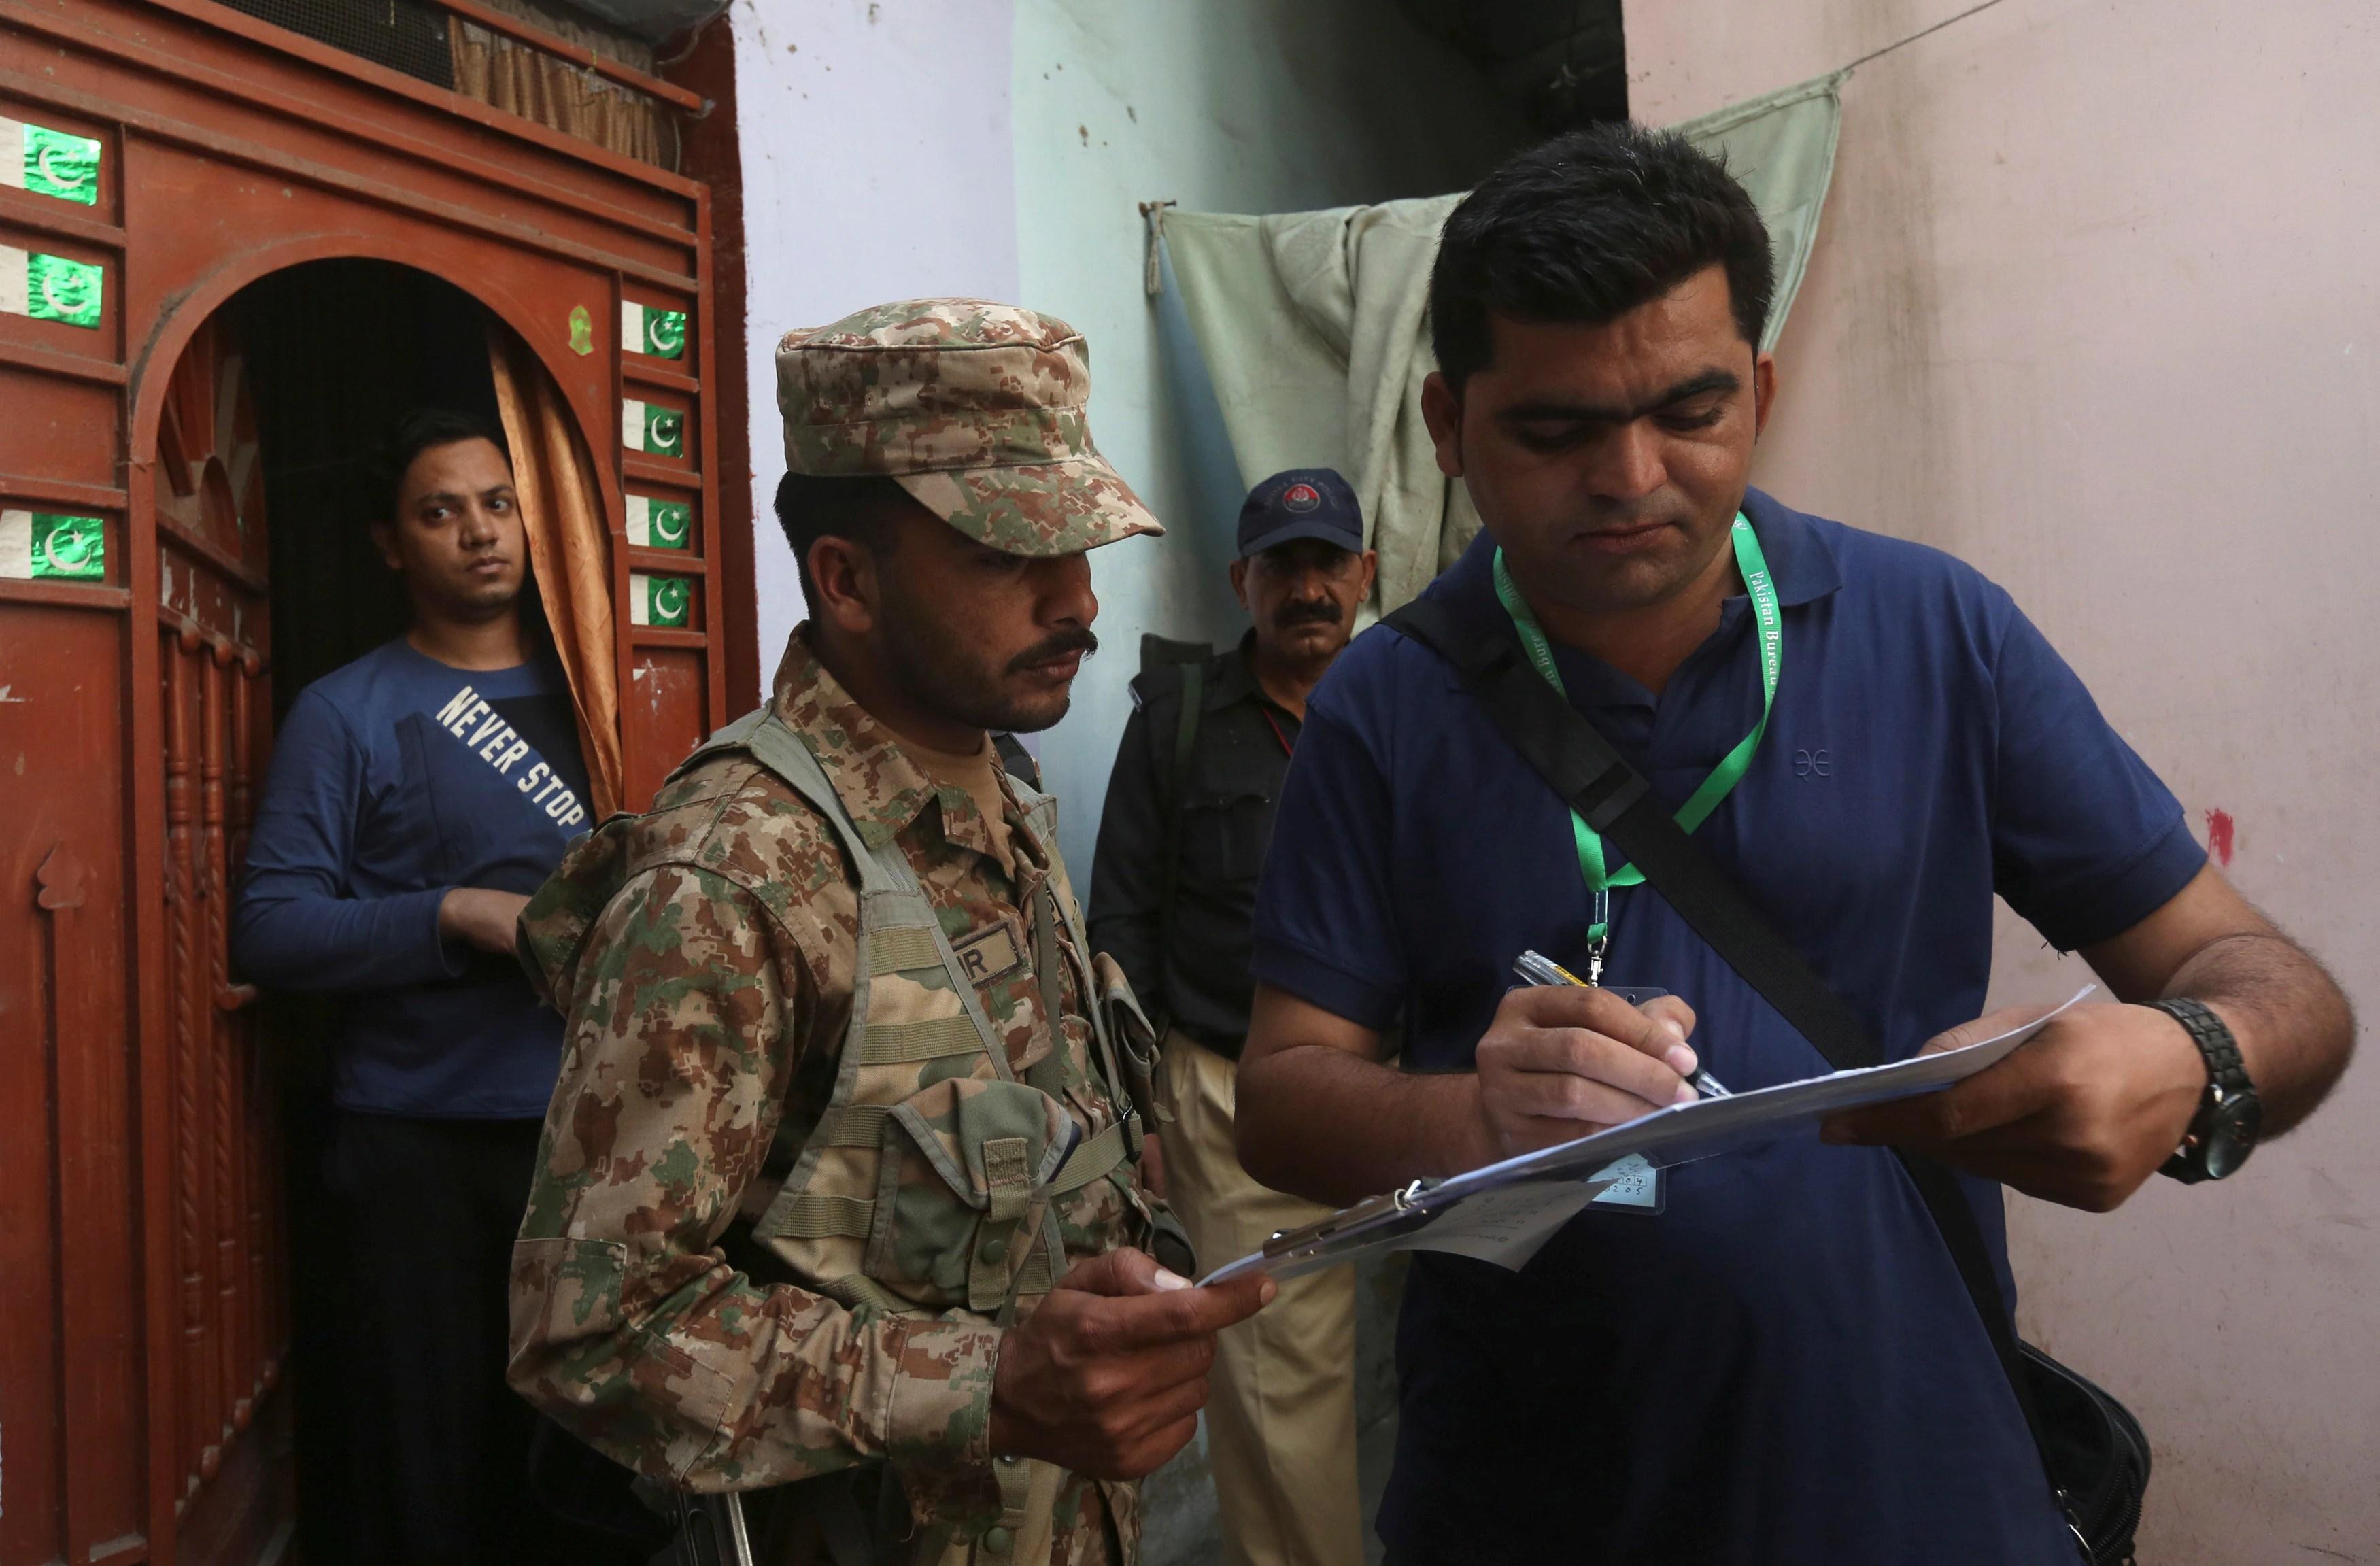 2017-03-15t120000z_2059262501_rc1d1d7ed410_rtrmadp_3_pakistan-census.jpg